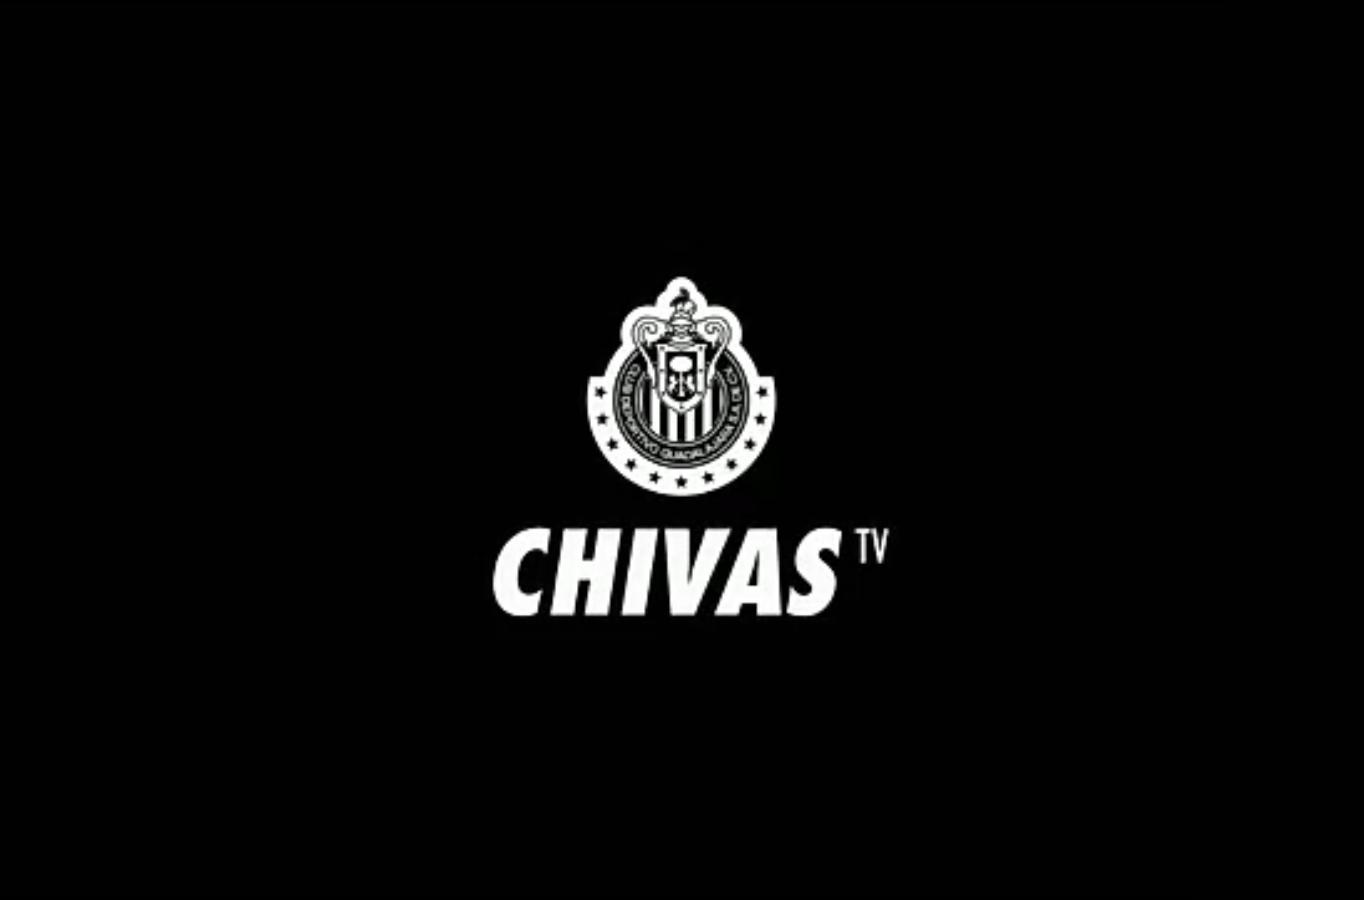 Chivas TV